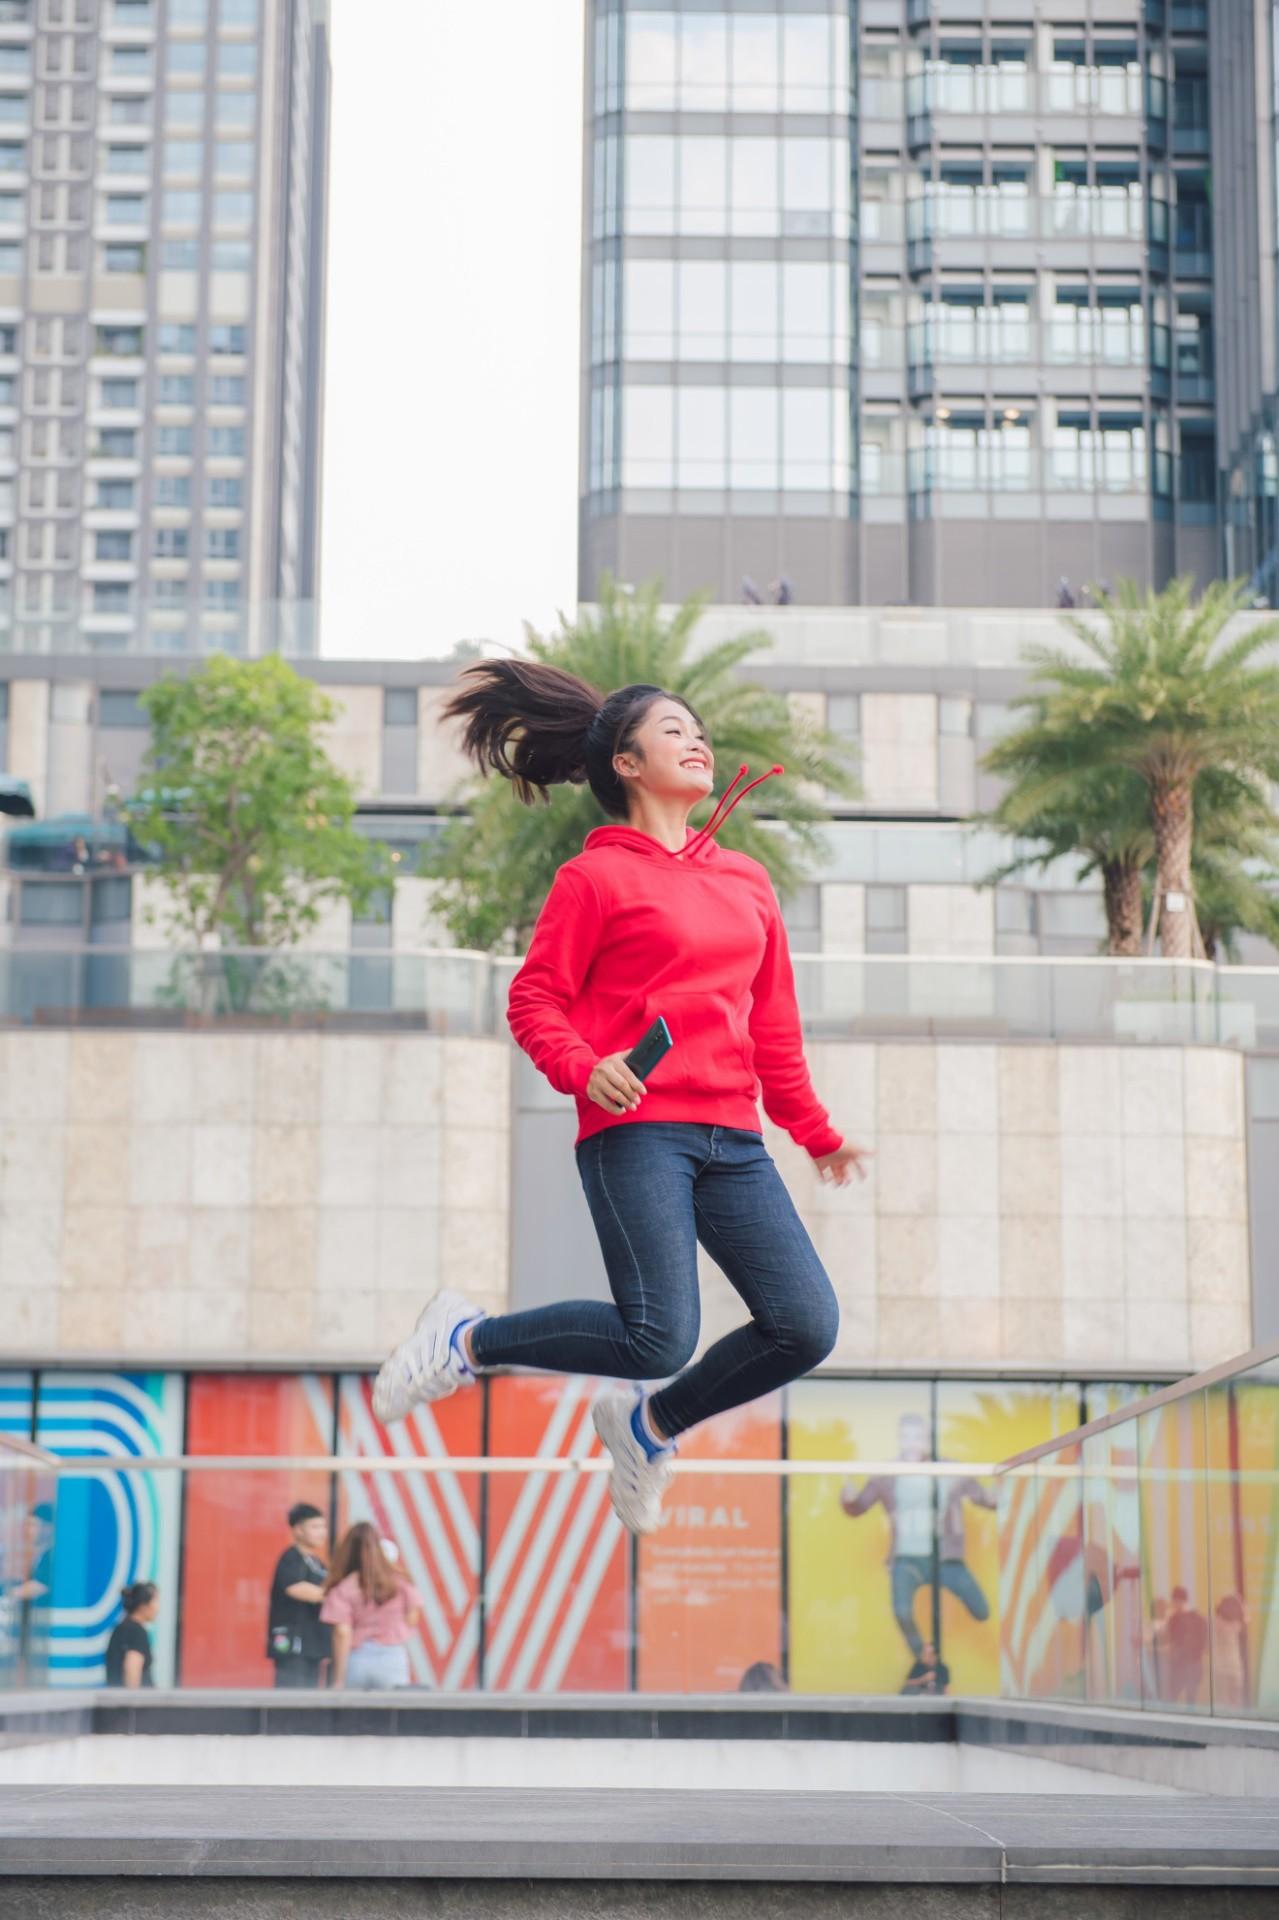 Ngắm bộ ảnh dễ thương của nữ sinh 18 tuổi mới được chọn làm gương mặt đồng hành cùng Xiaomi - Ảnh 4.